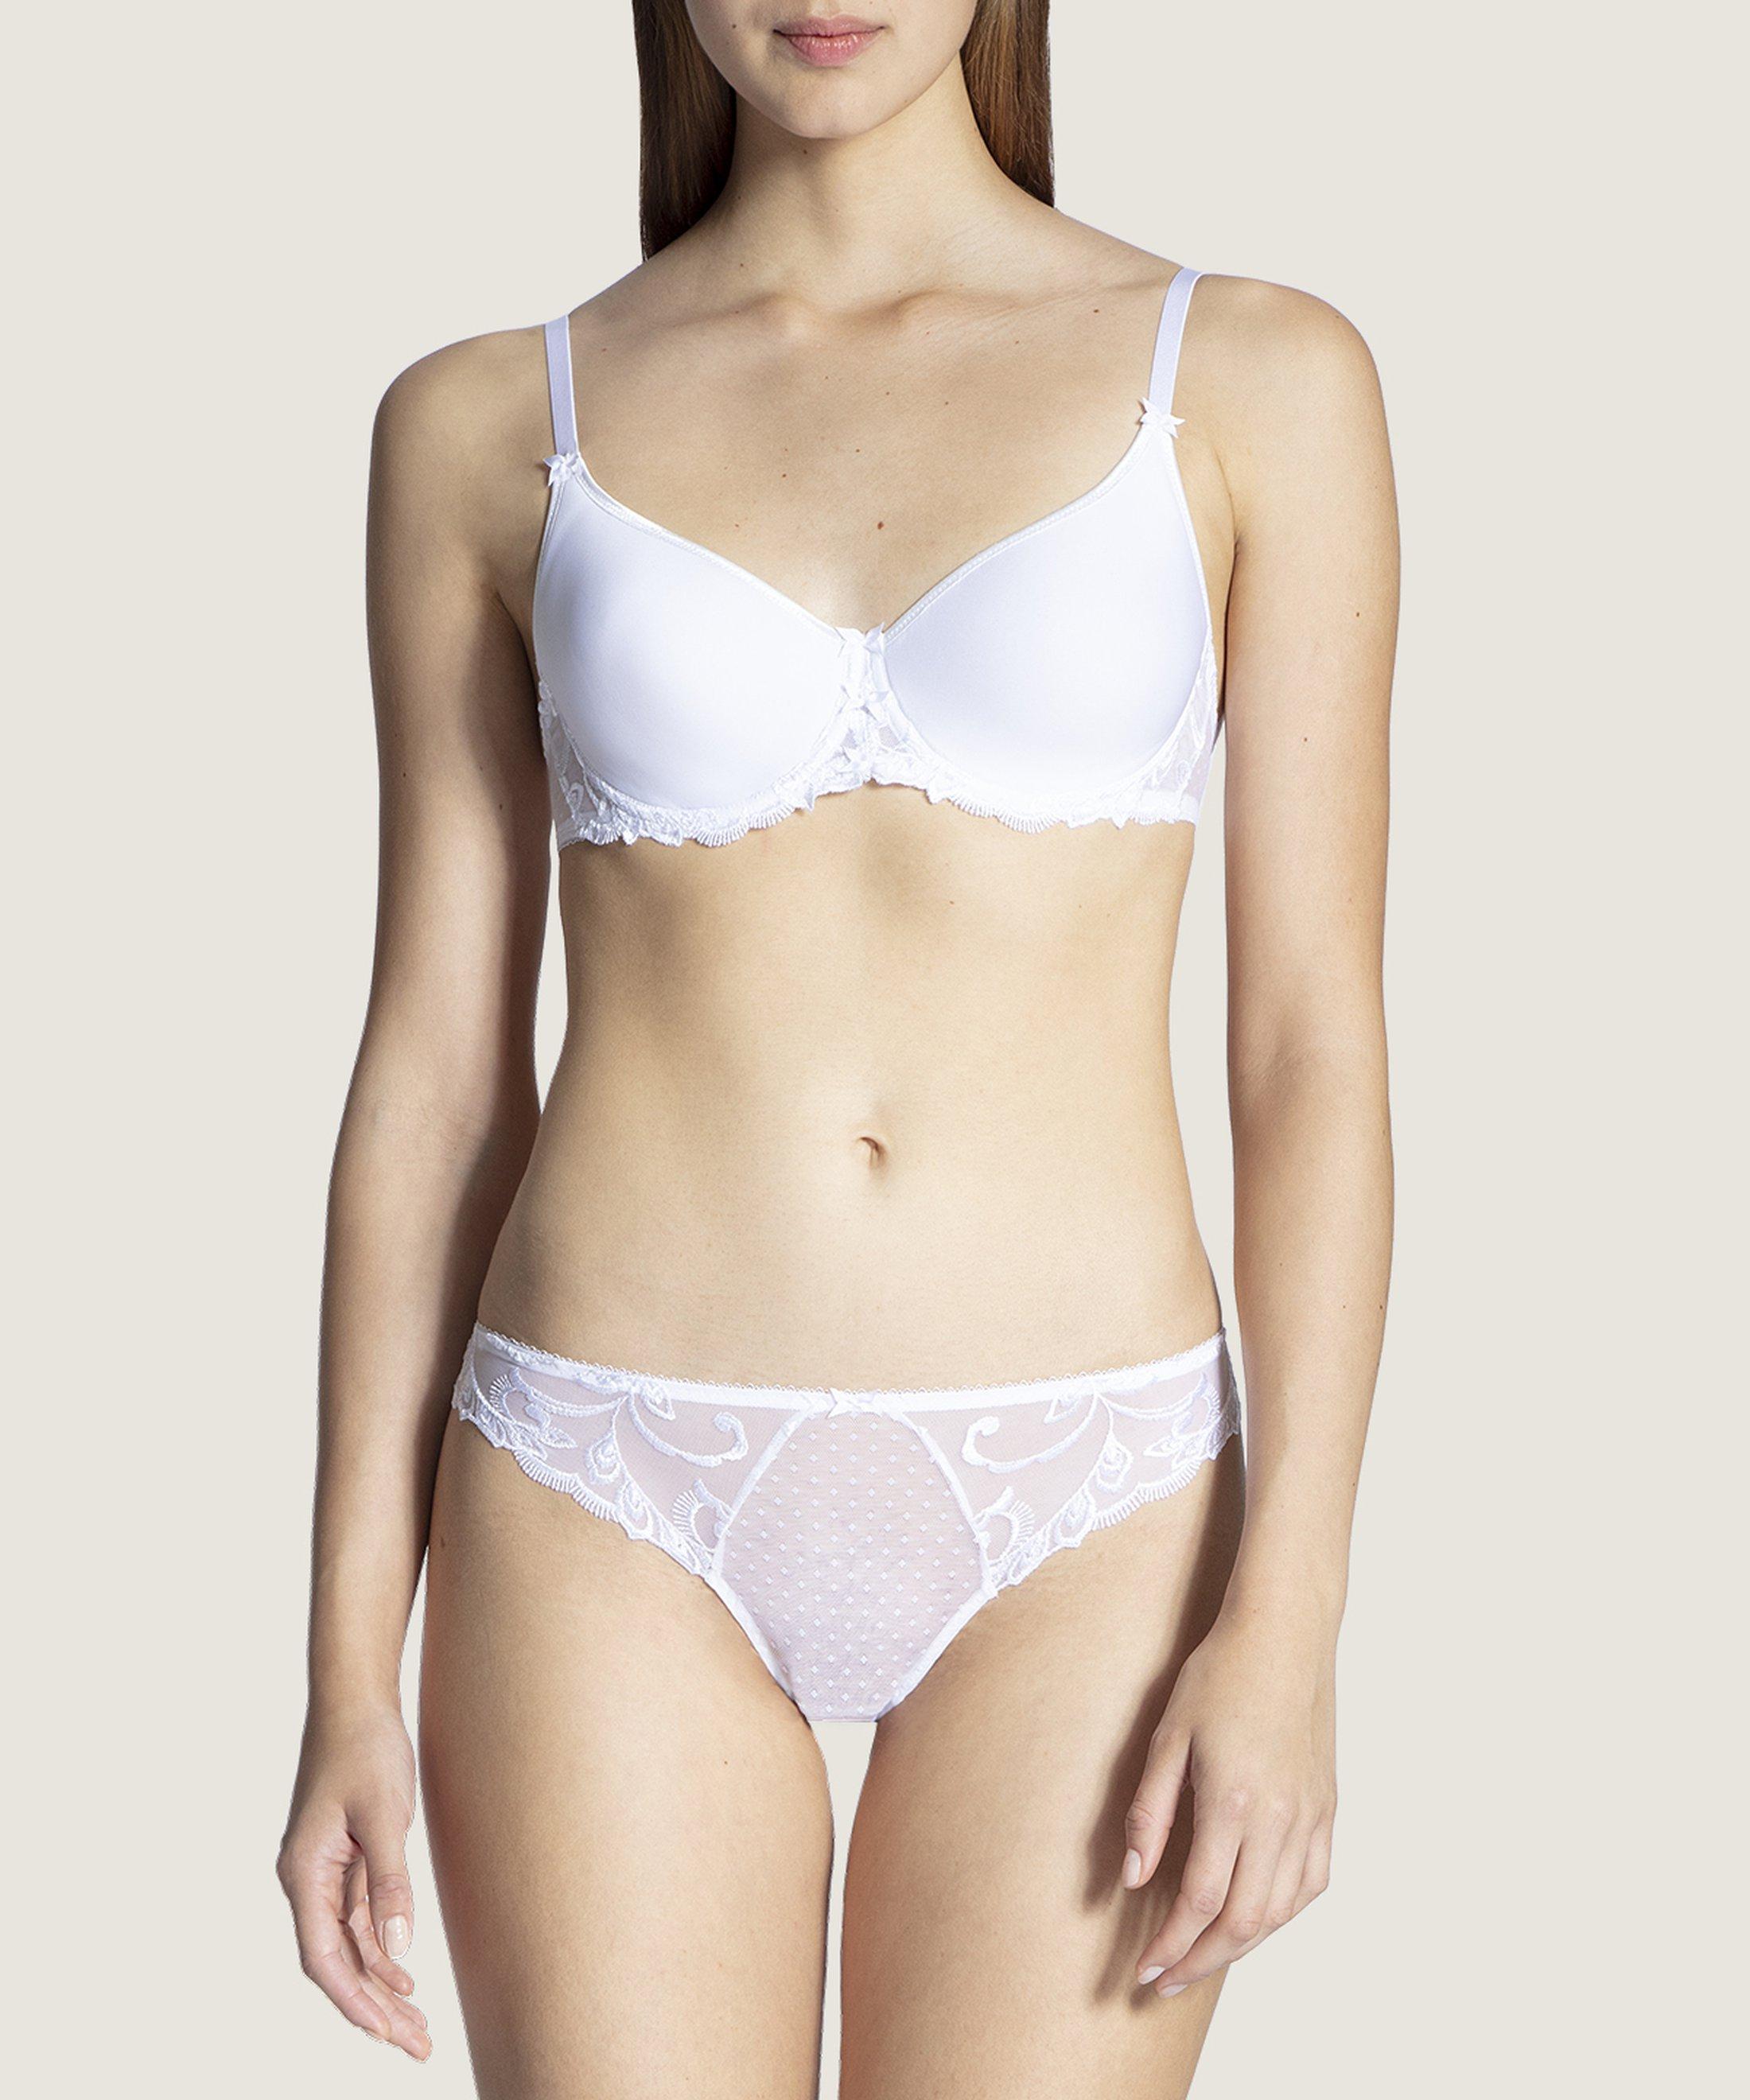 AU BAL DE FLORE Soutien-gorge T-shirt bra Blanc | Aubade